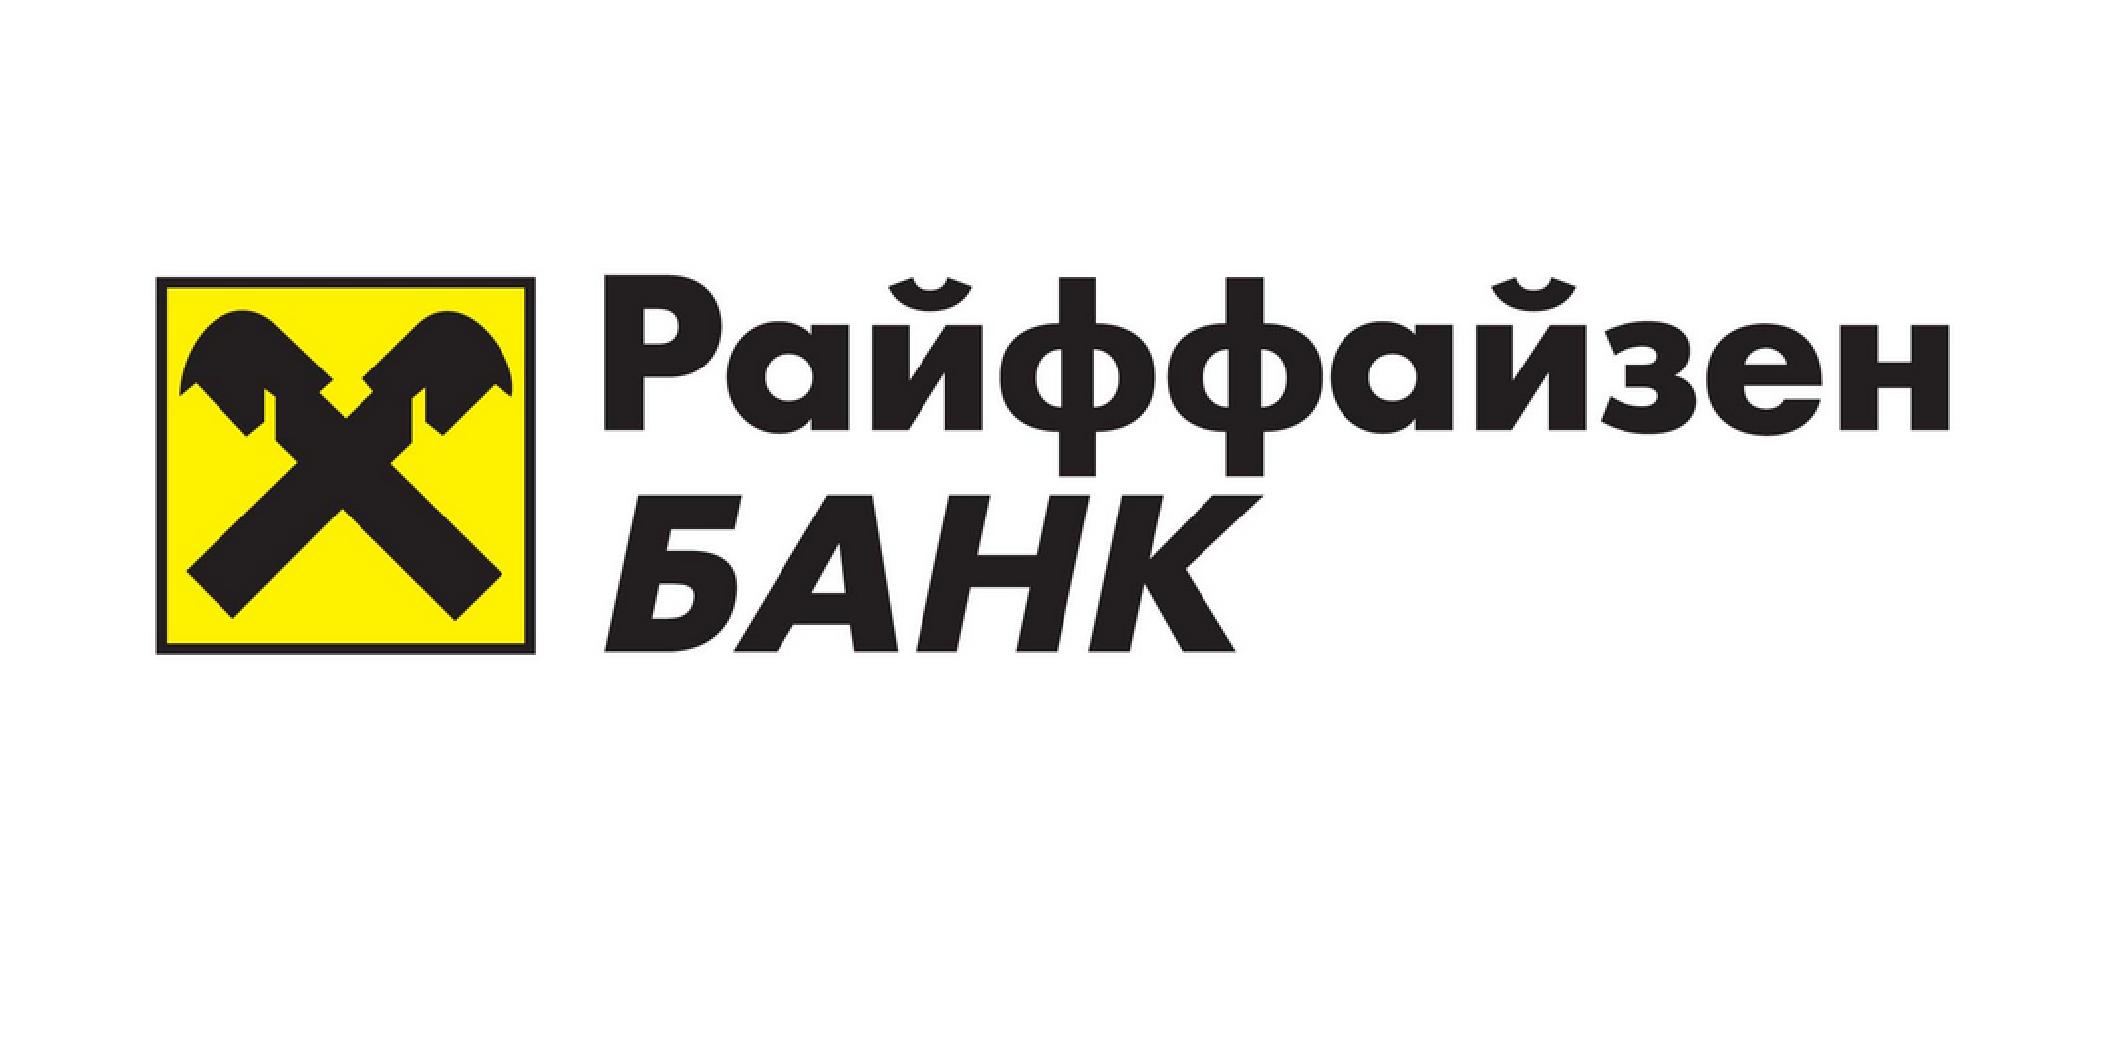 Официальный партнер Райфайзен банк